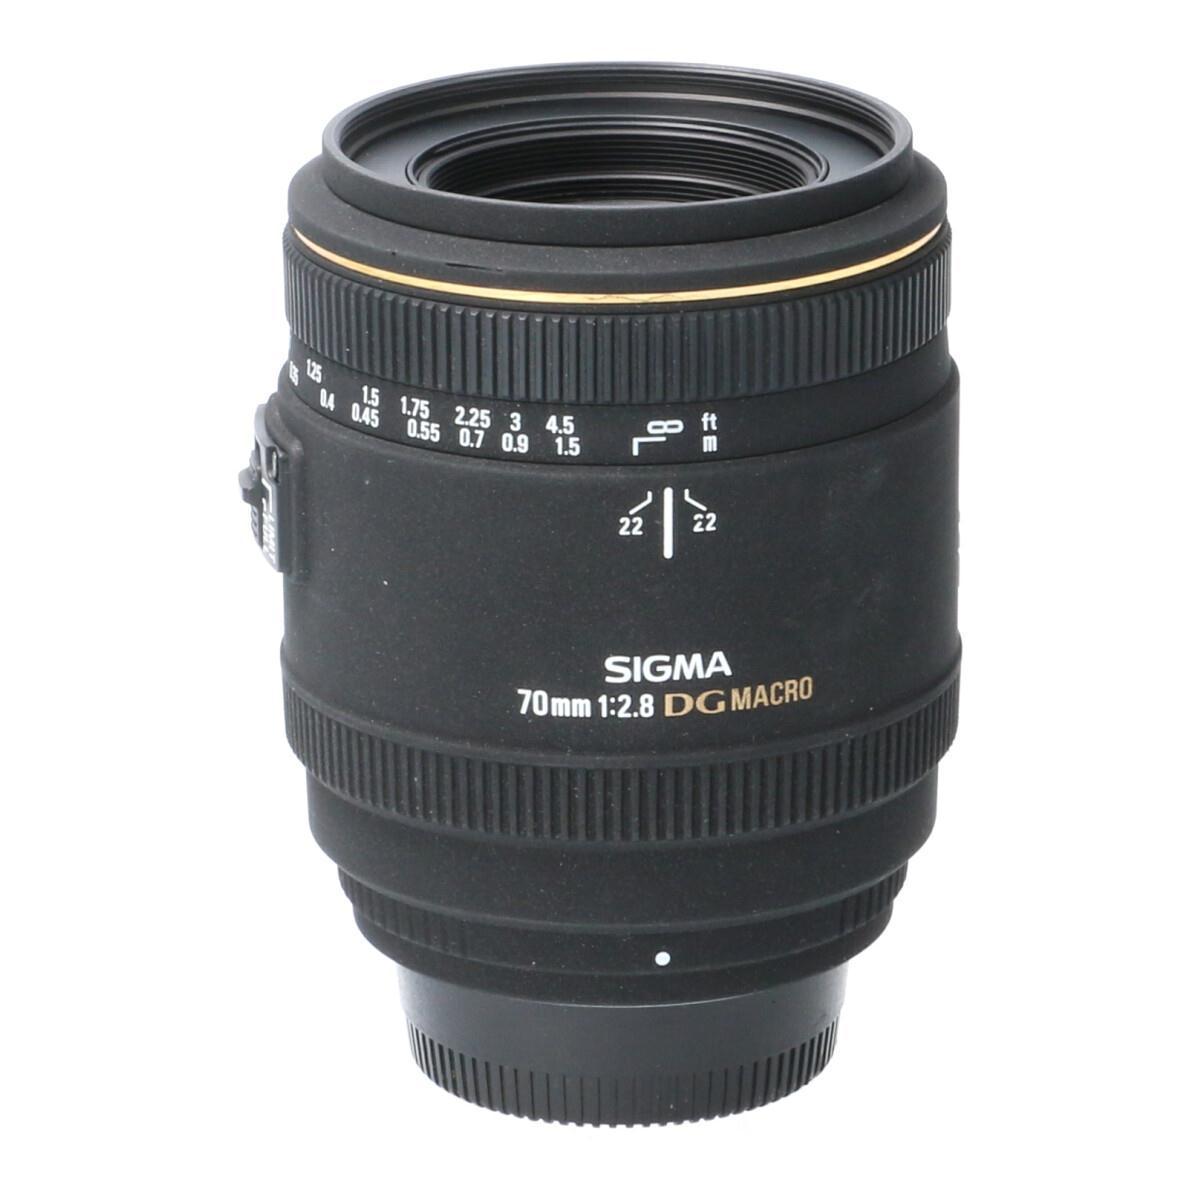 SIGMA ニコン70mm F2.8EX DG MACRO【中古】